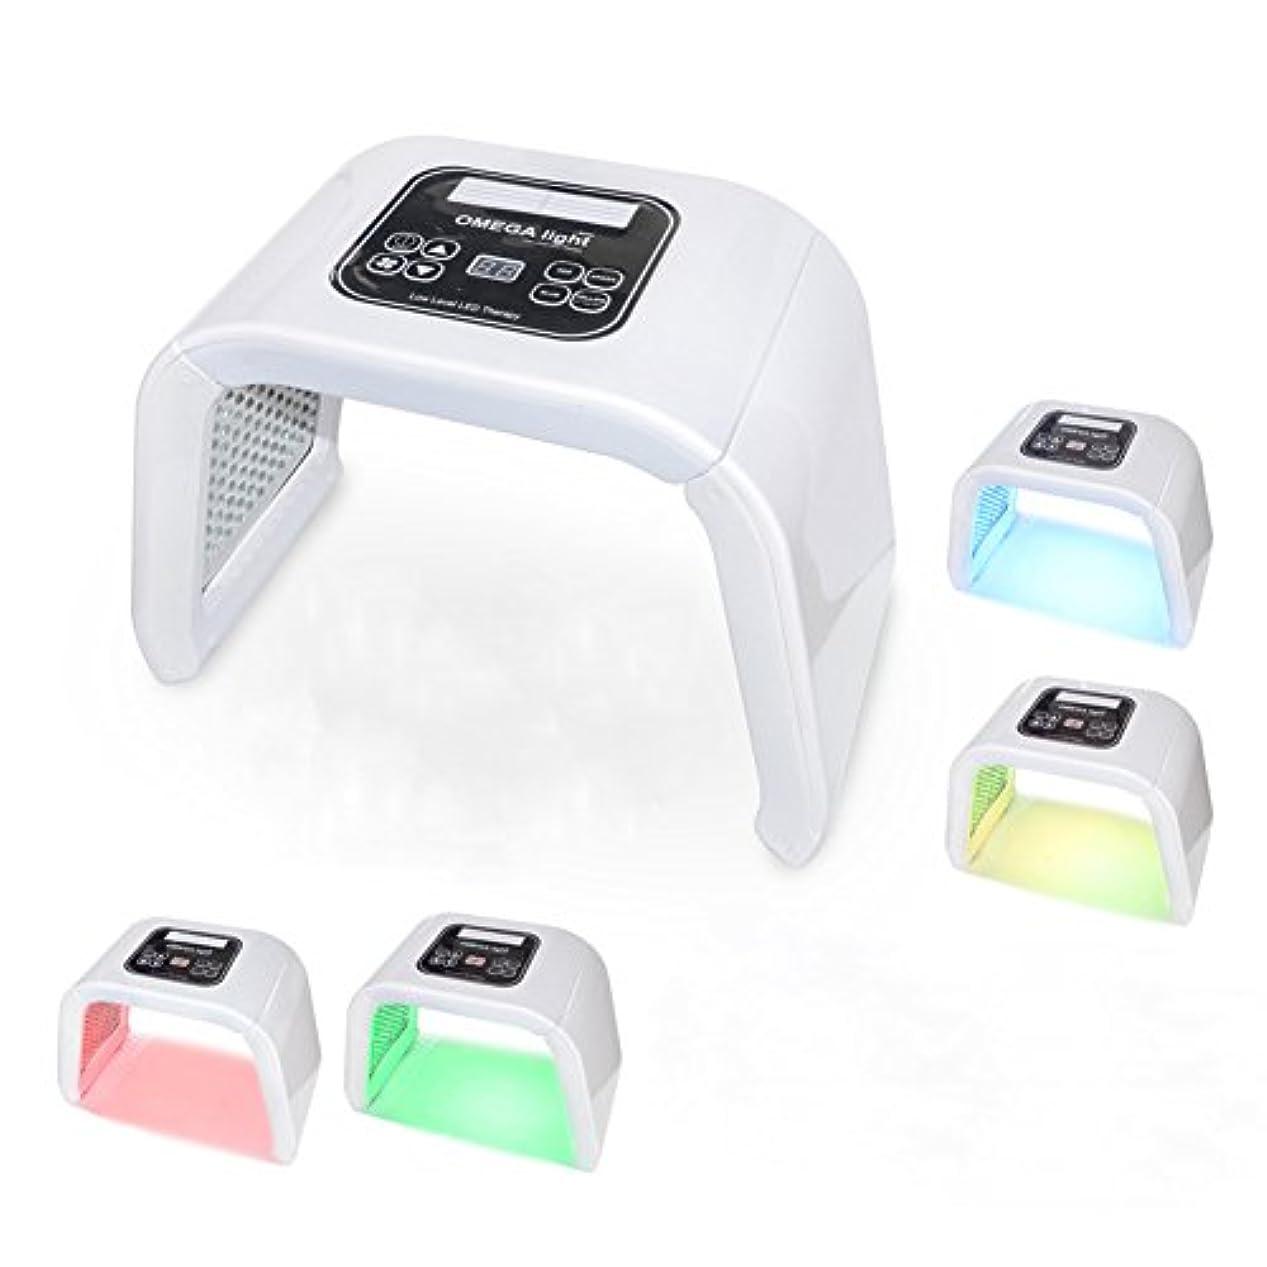 延ばすラフ睡眠エネルギーにきびの皮の若返りの美装置を白くする光子療法機械LED 4色,White